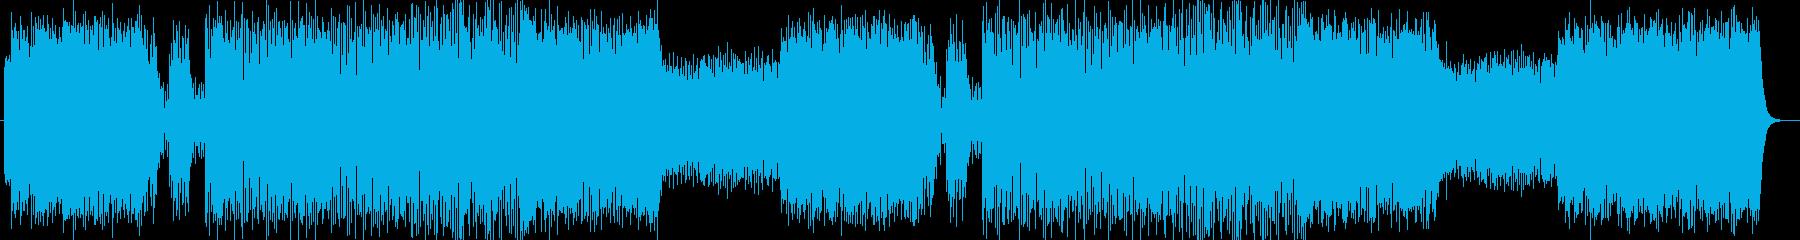 軽快でベースとドラムが印象的なロックの再生済みの波形